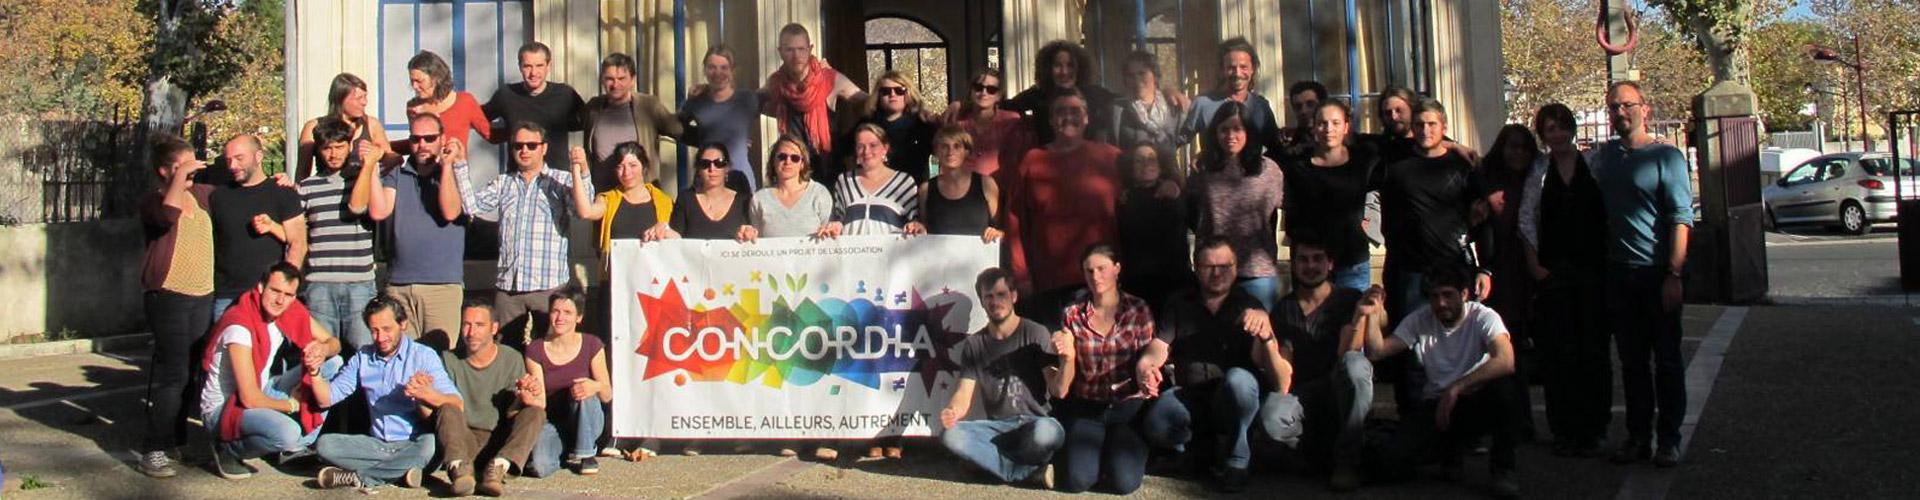 Délégation Sud-Est de l'association Concordia